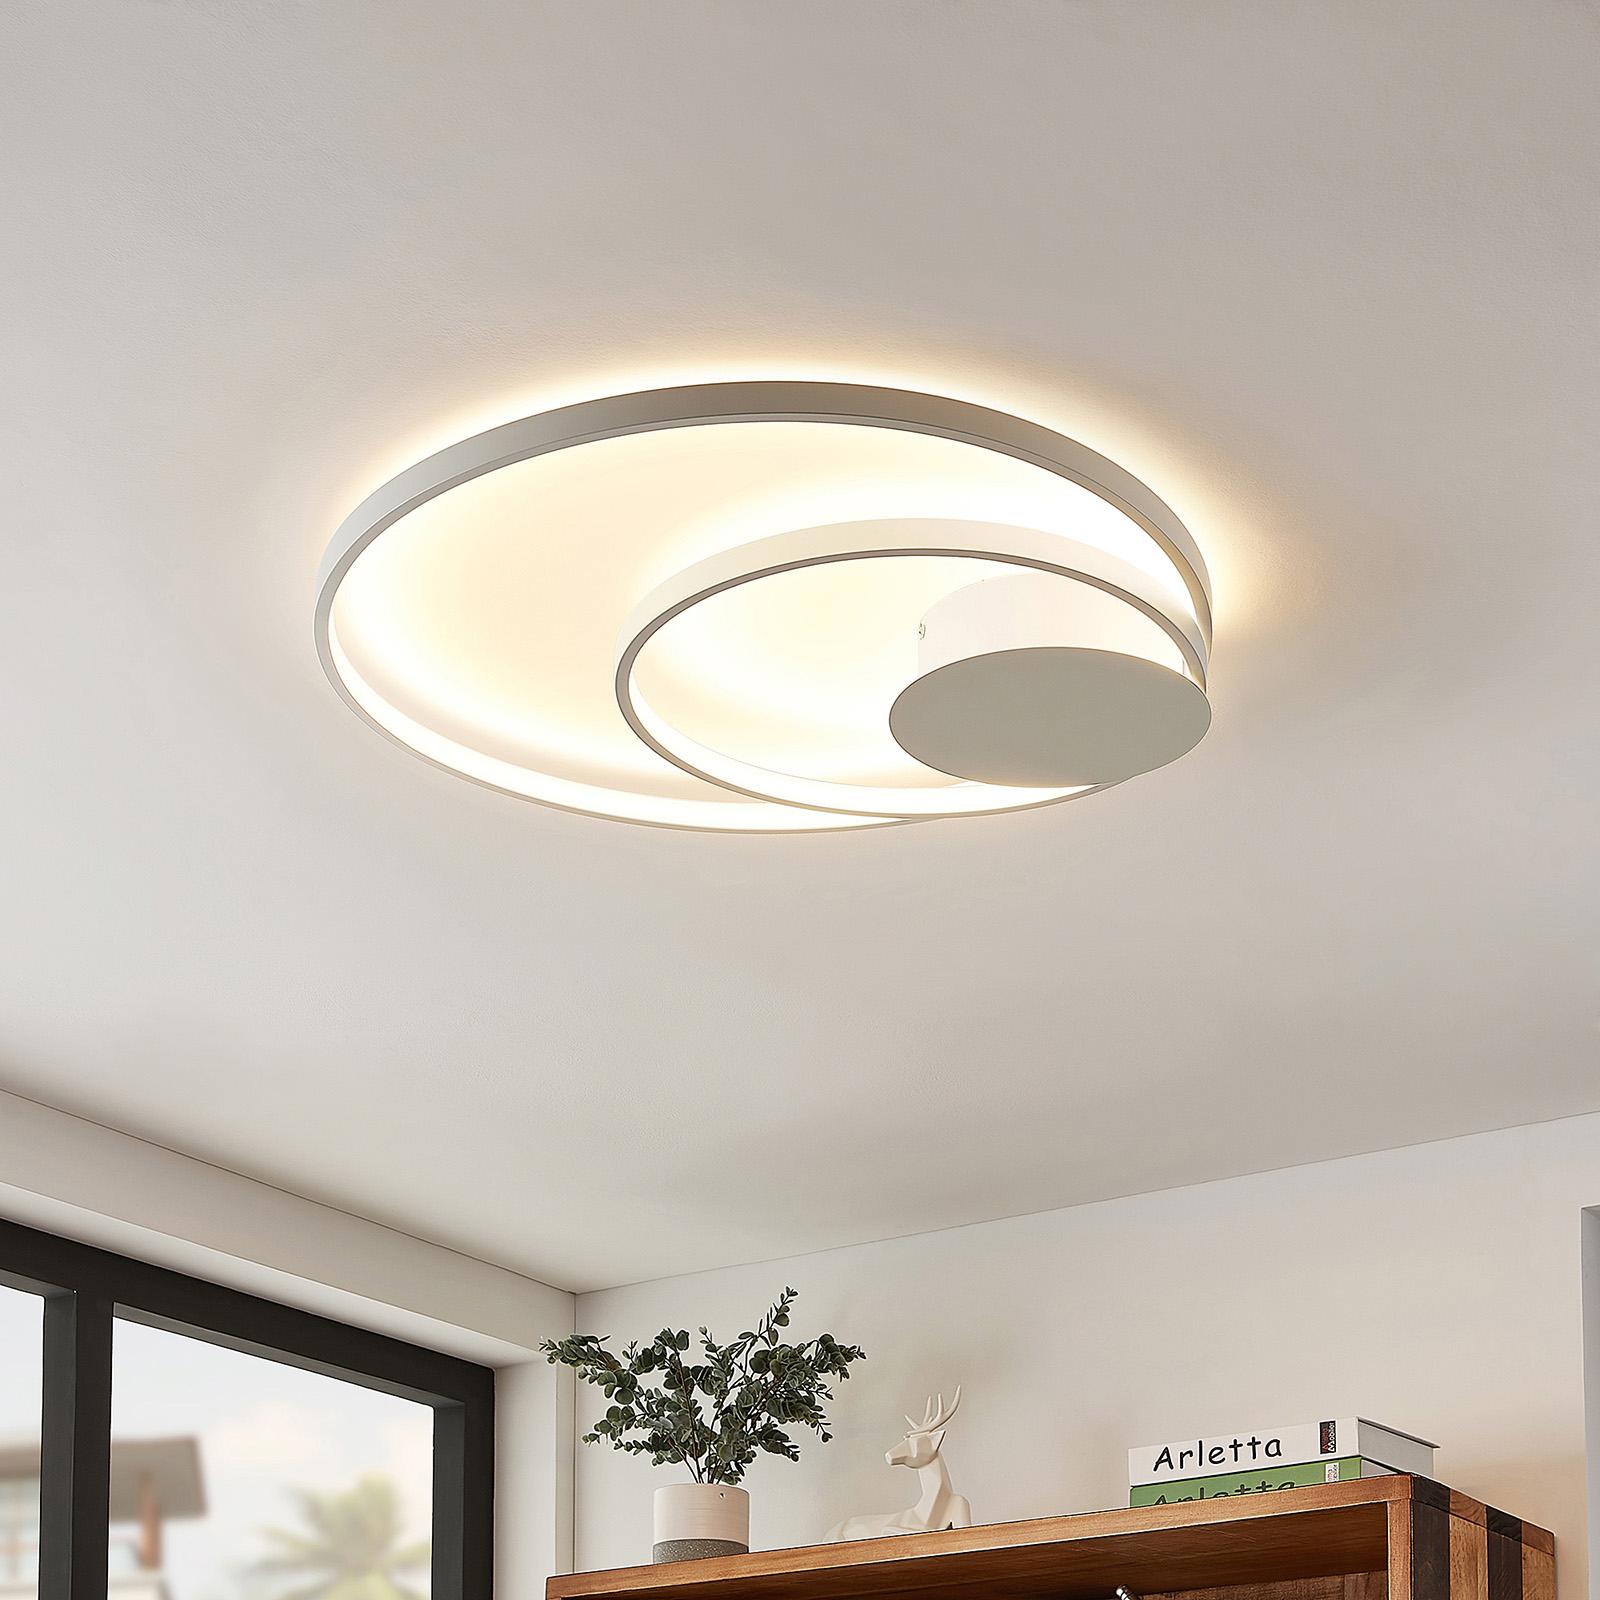 Lindby Nerwin LED-Deckenleuchte, rund, weiß